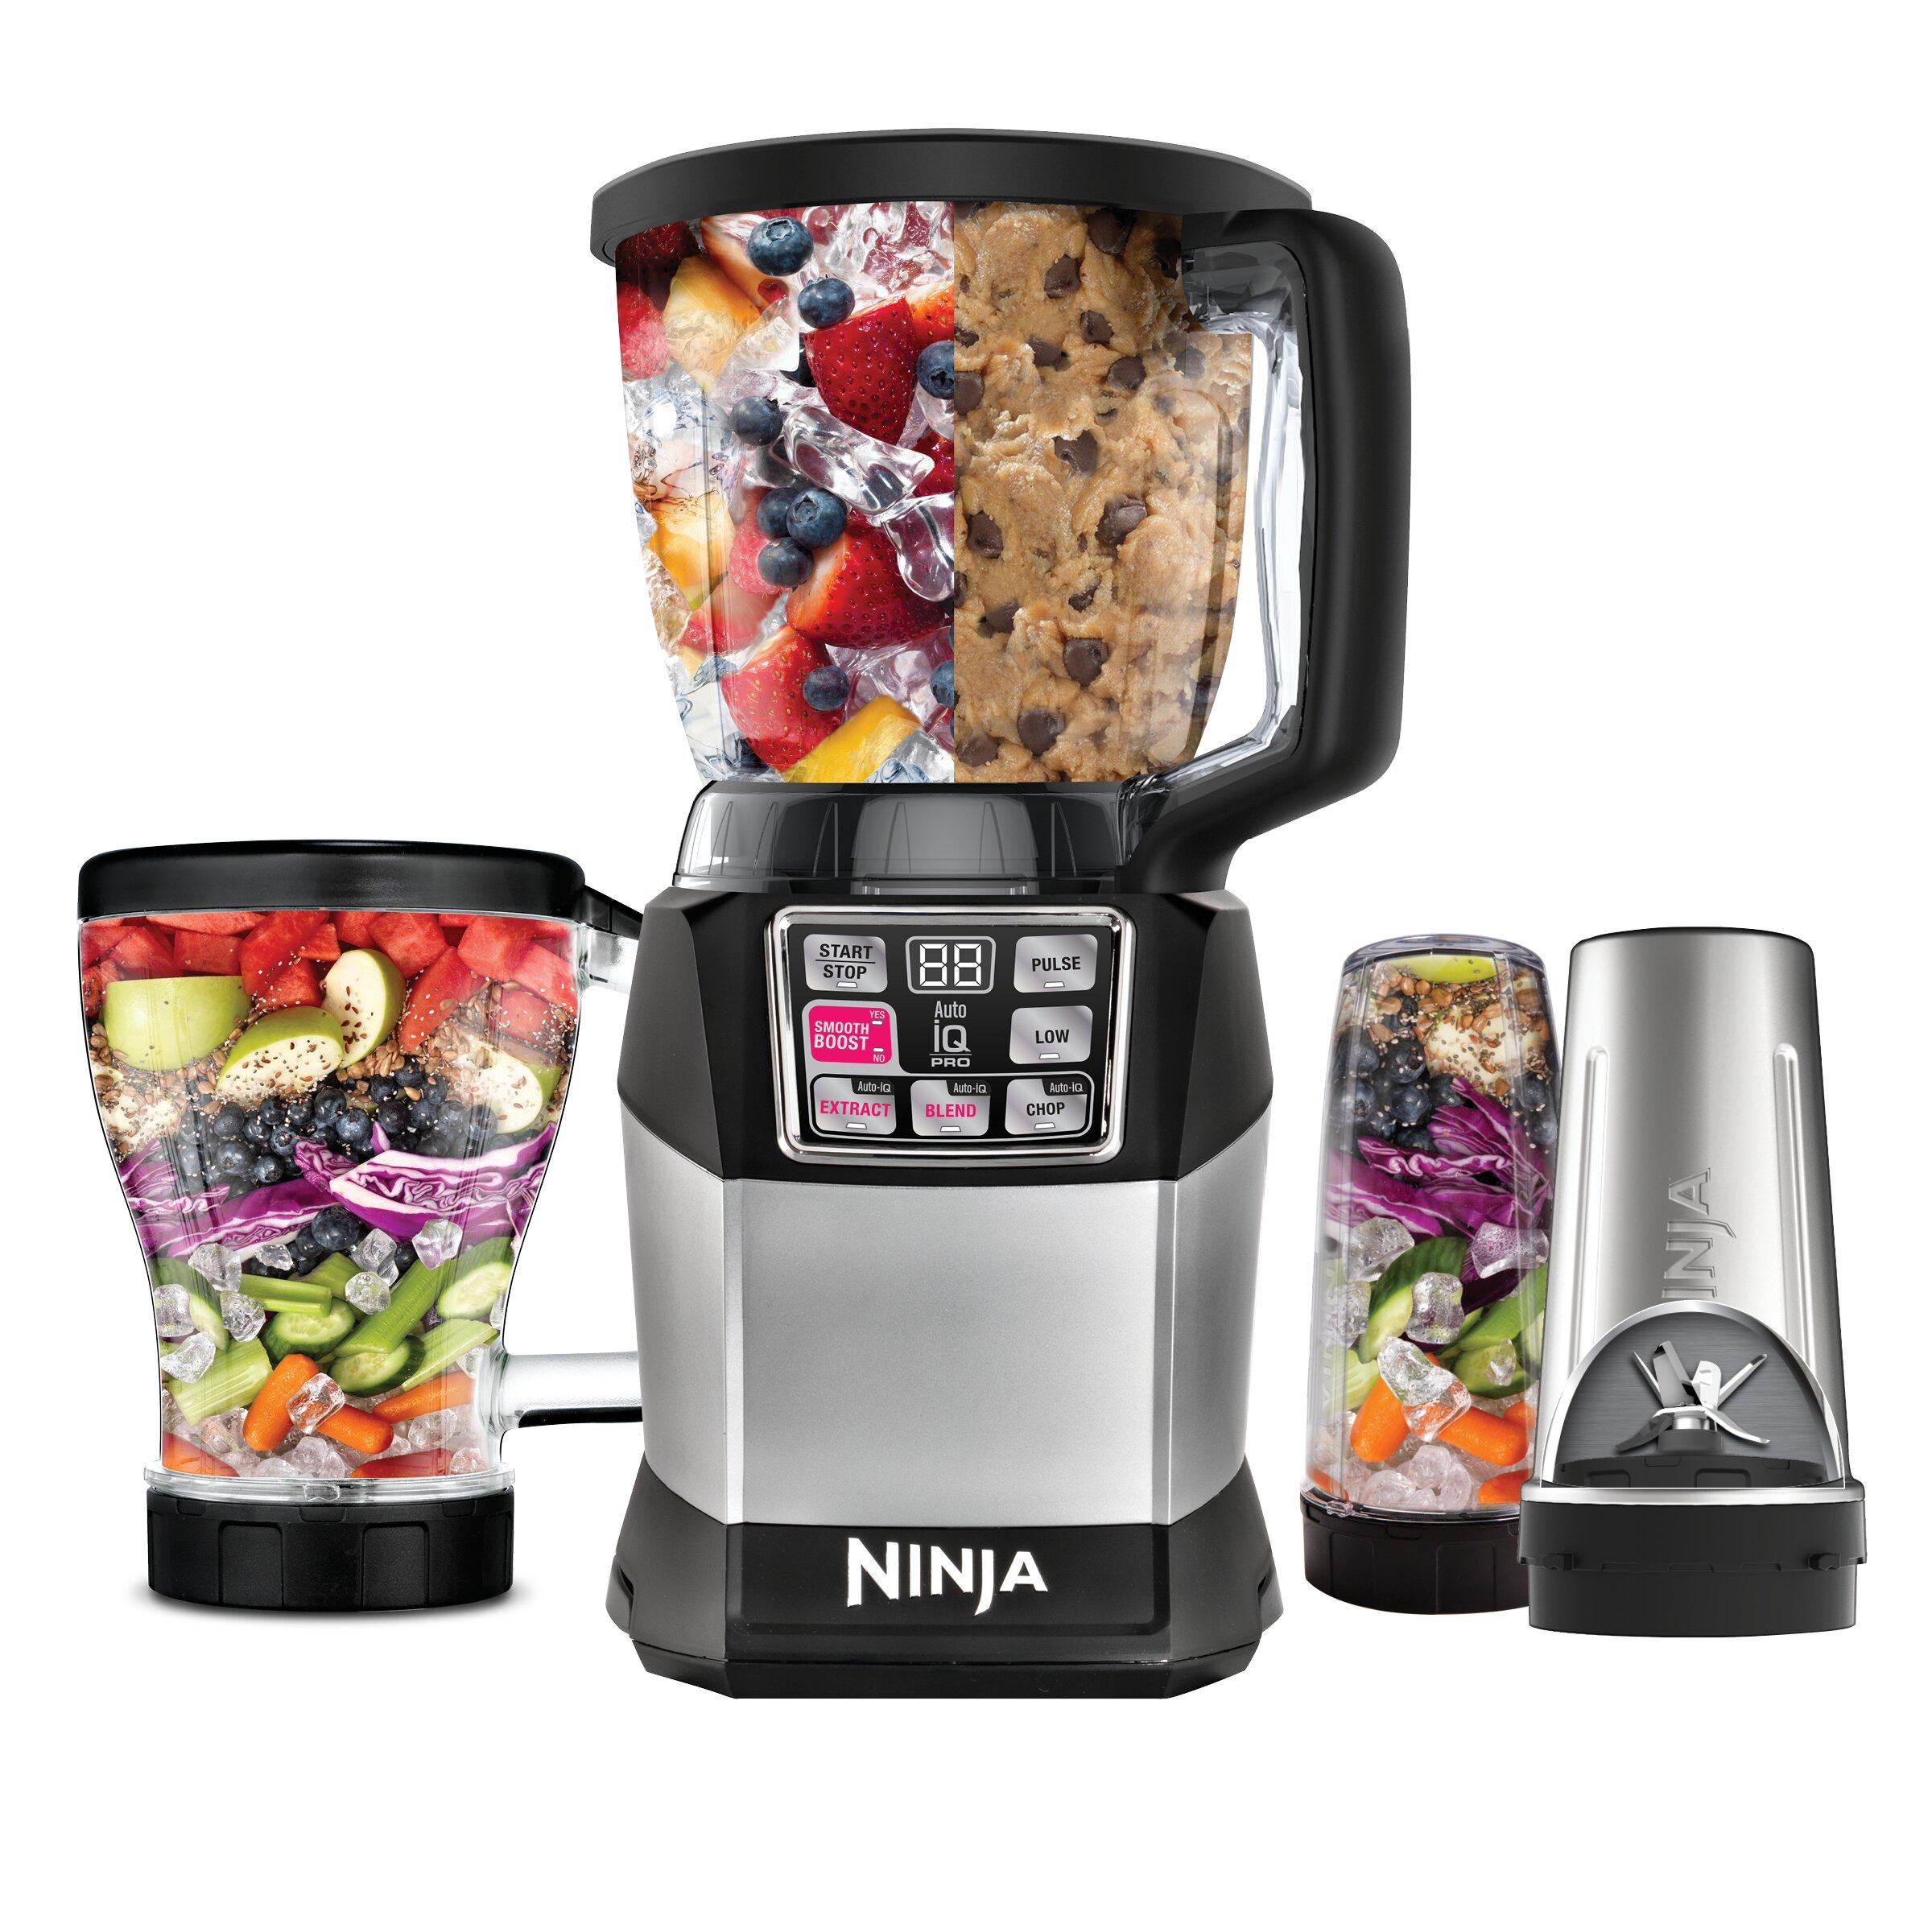 Best Ninja Blender For Baby Food